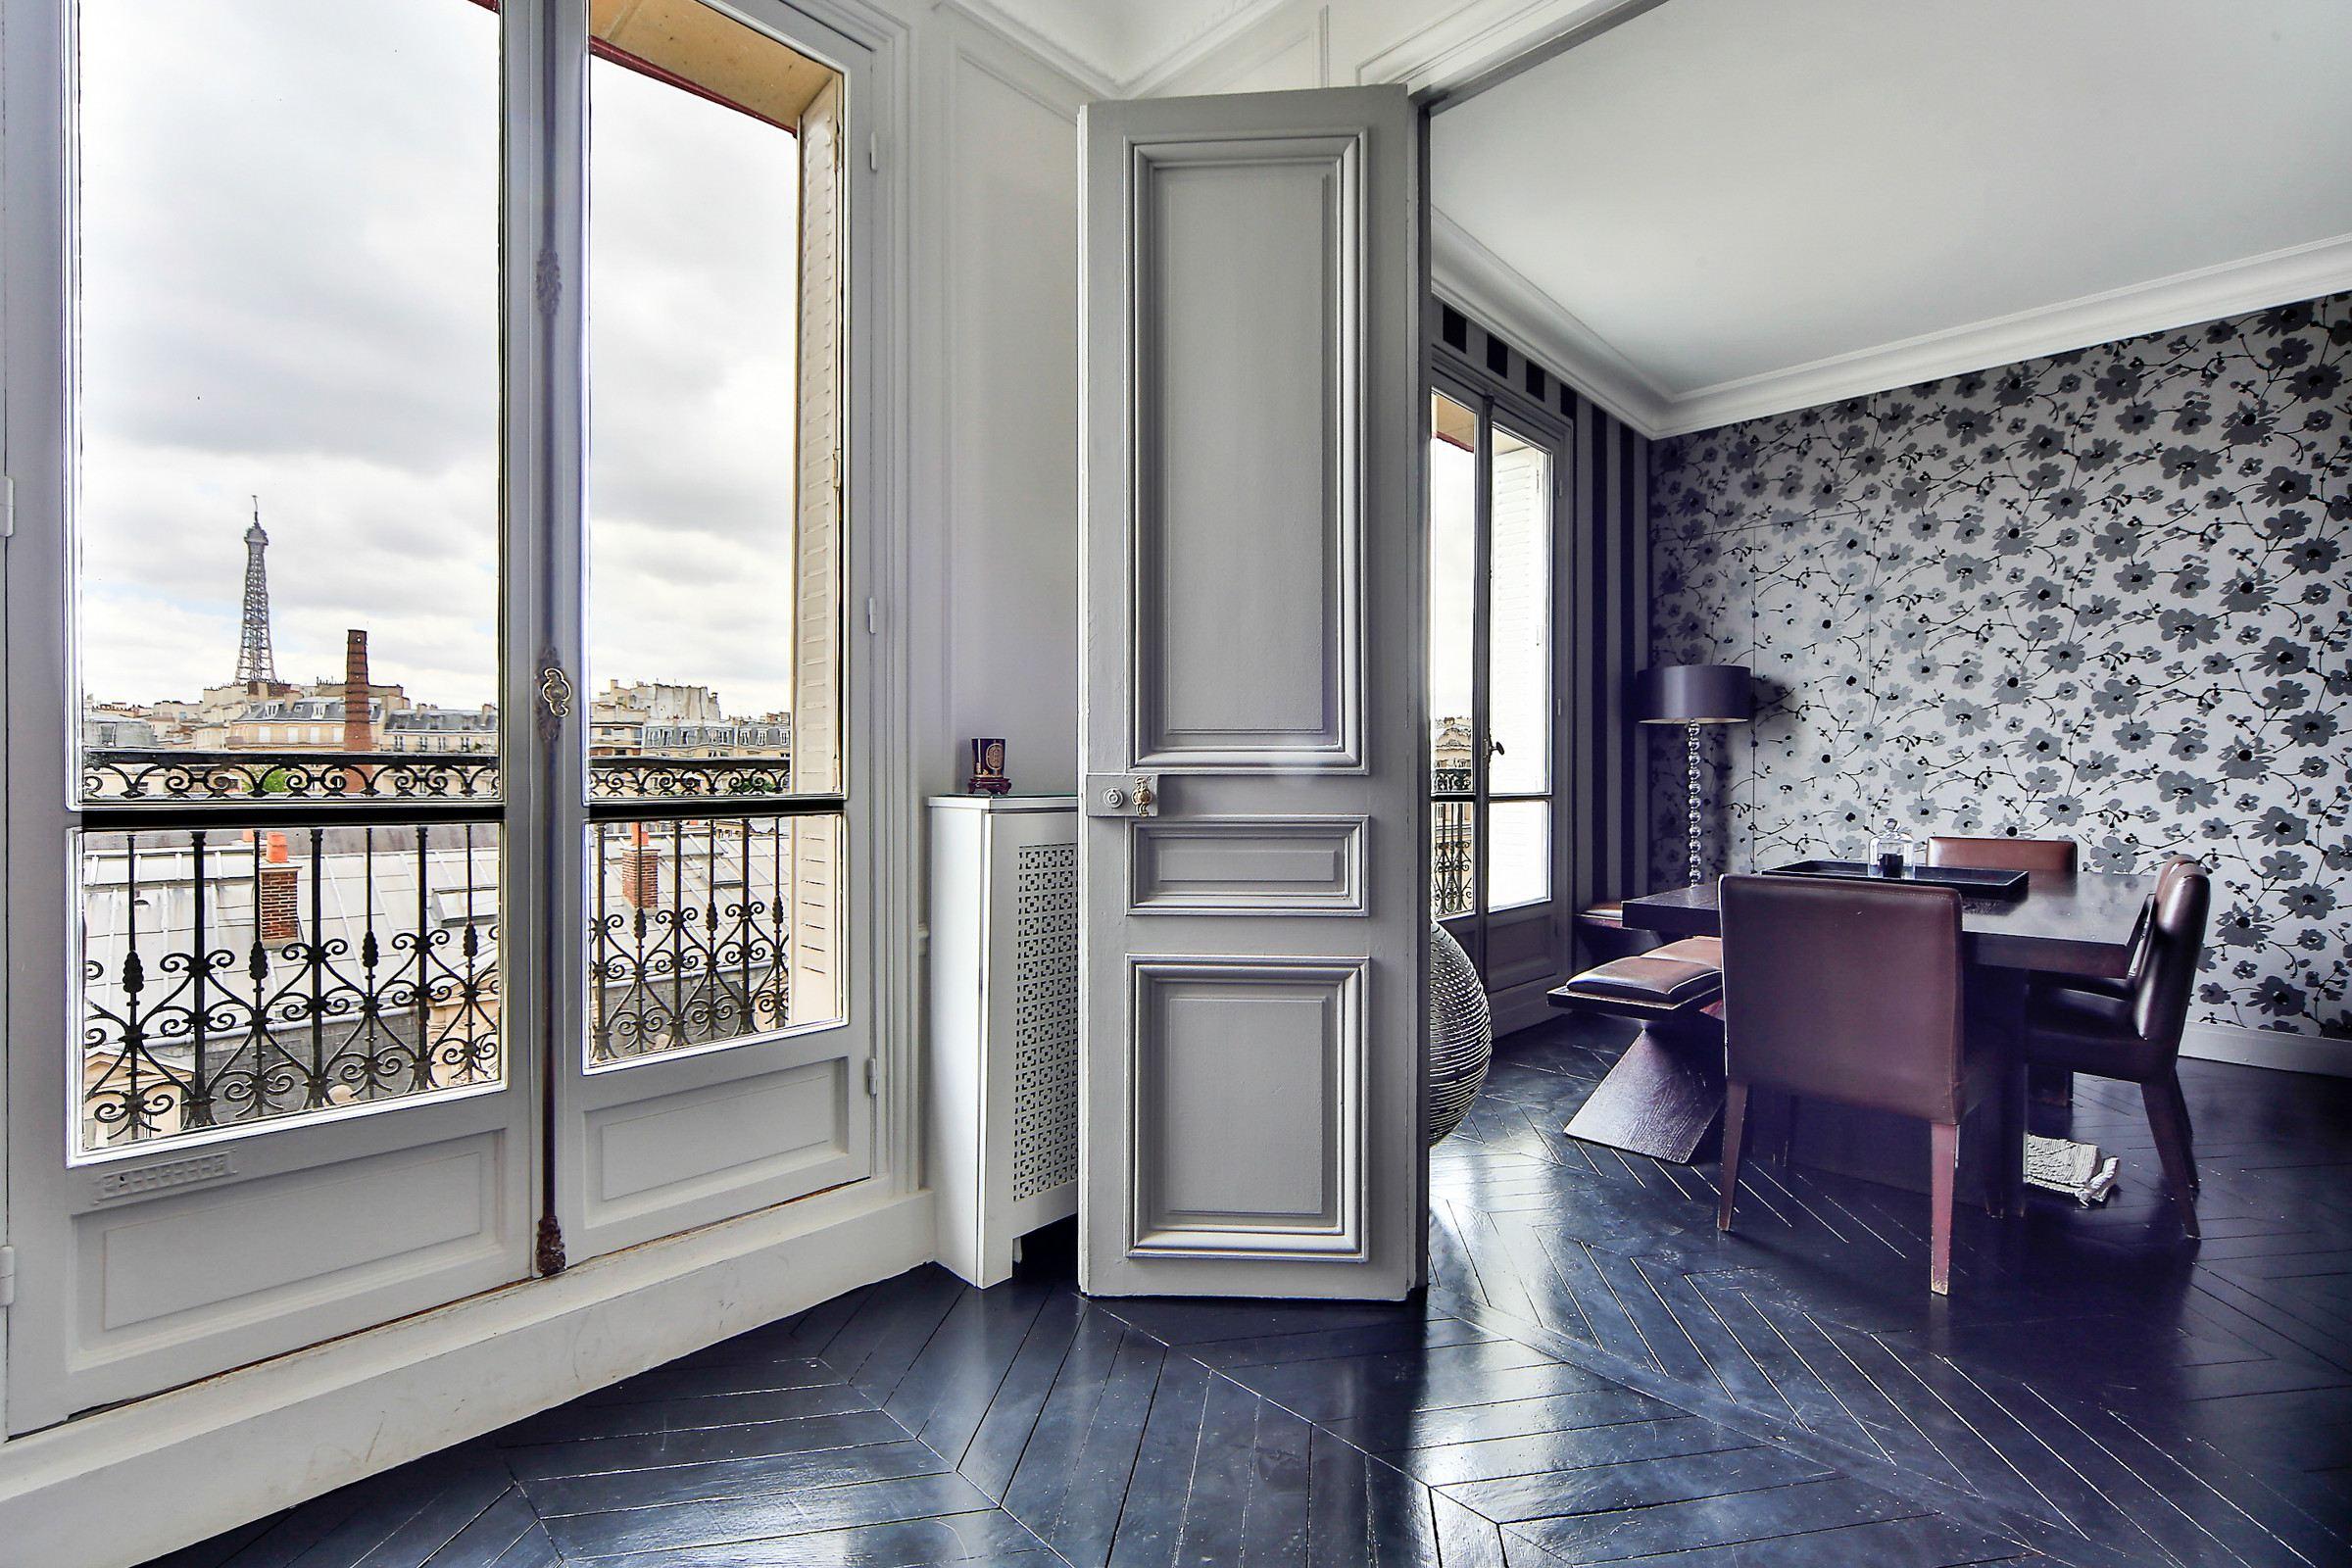 Căn hộ vì Bán tại Apartment - Belles Feuilles - Janson de Sailly Paris, Paris 75116 Pháp